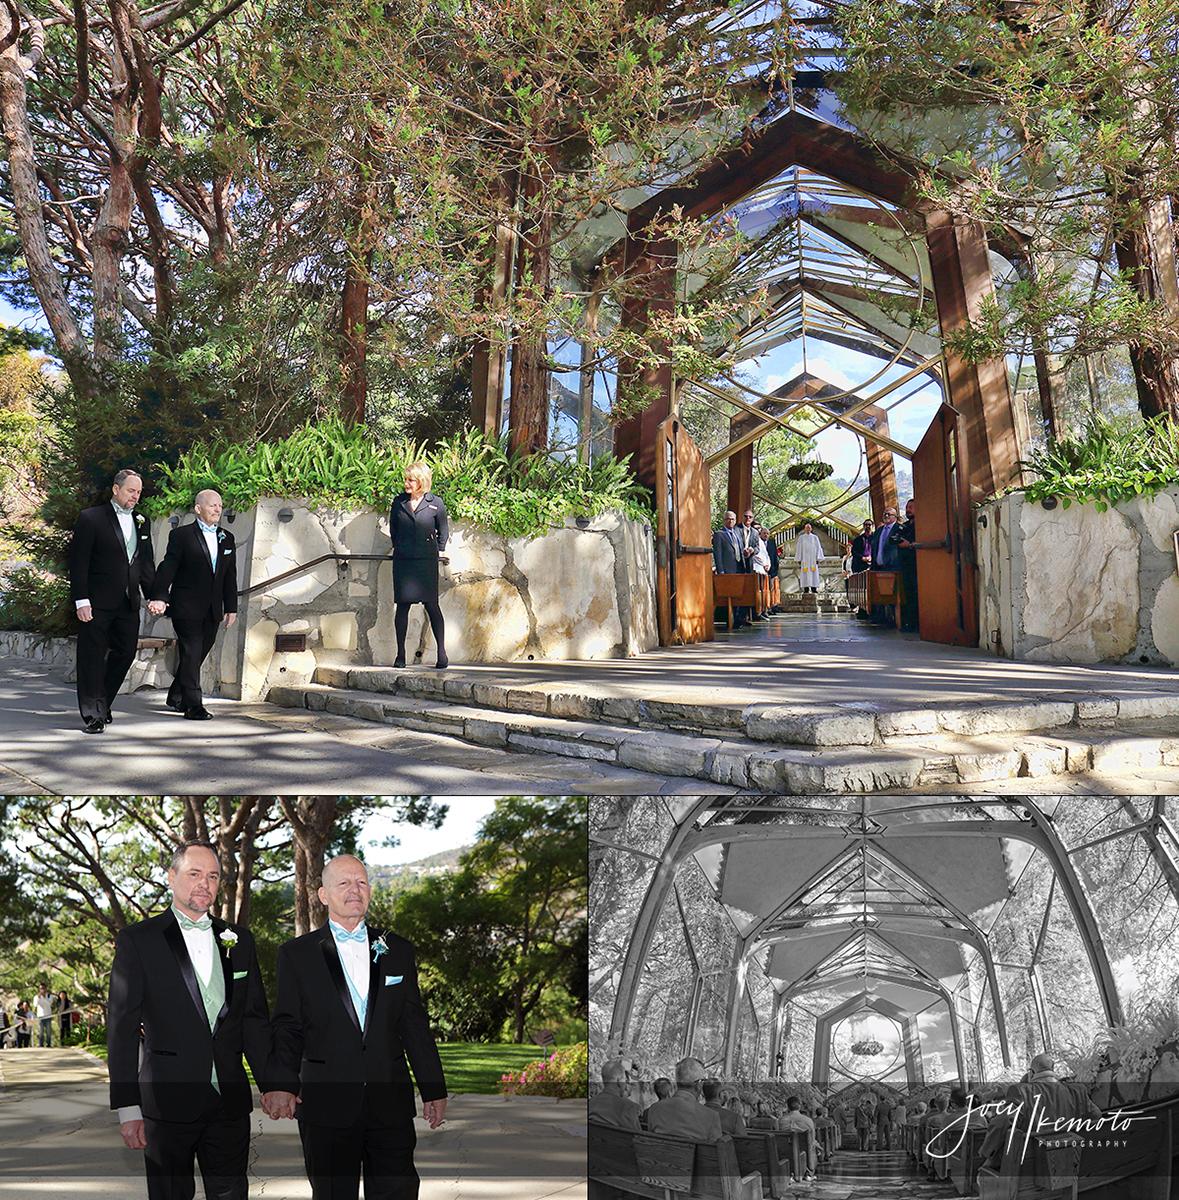 Wayfarers-Chapel-and-Long-Beach-Marriott-Wedding_0010_Blog-Collage-1451505520640